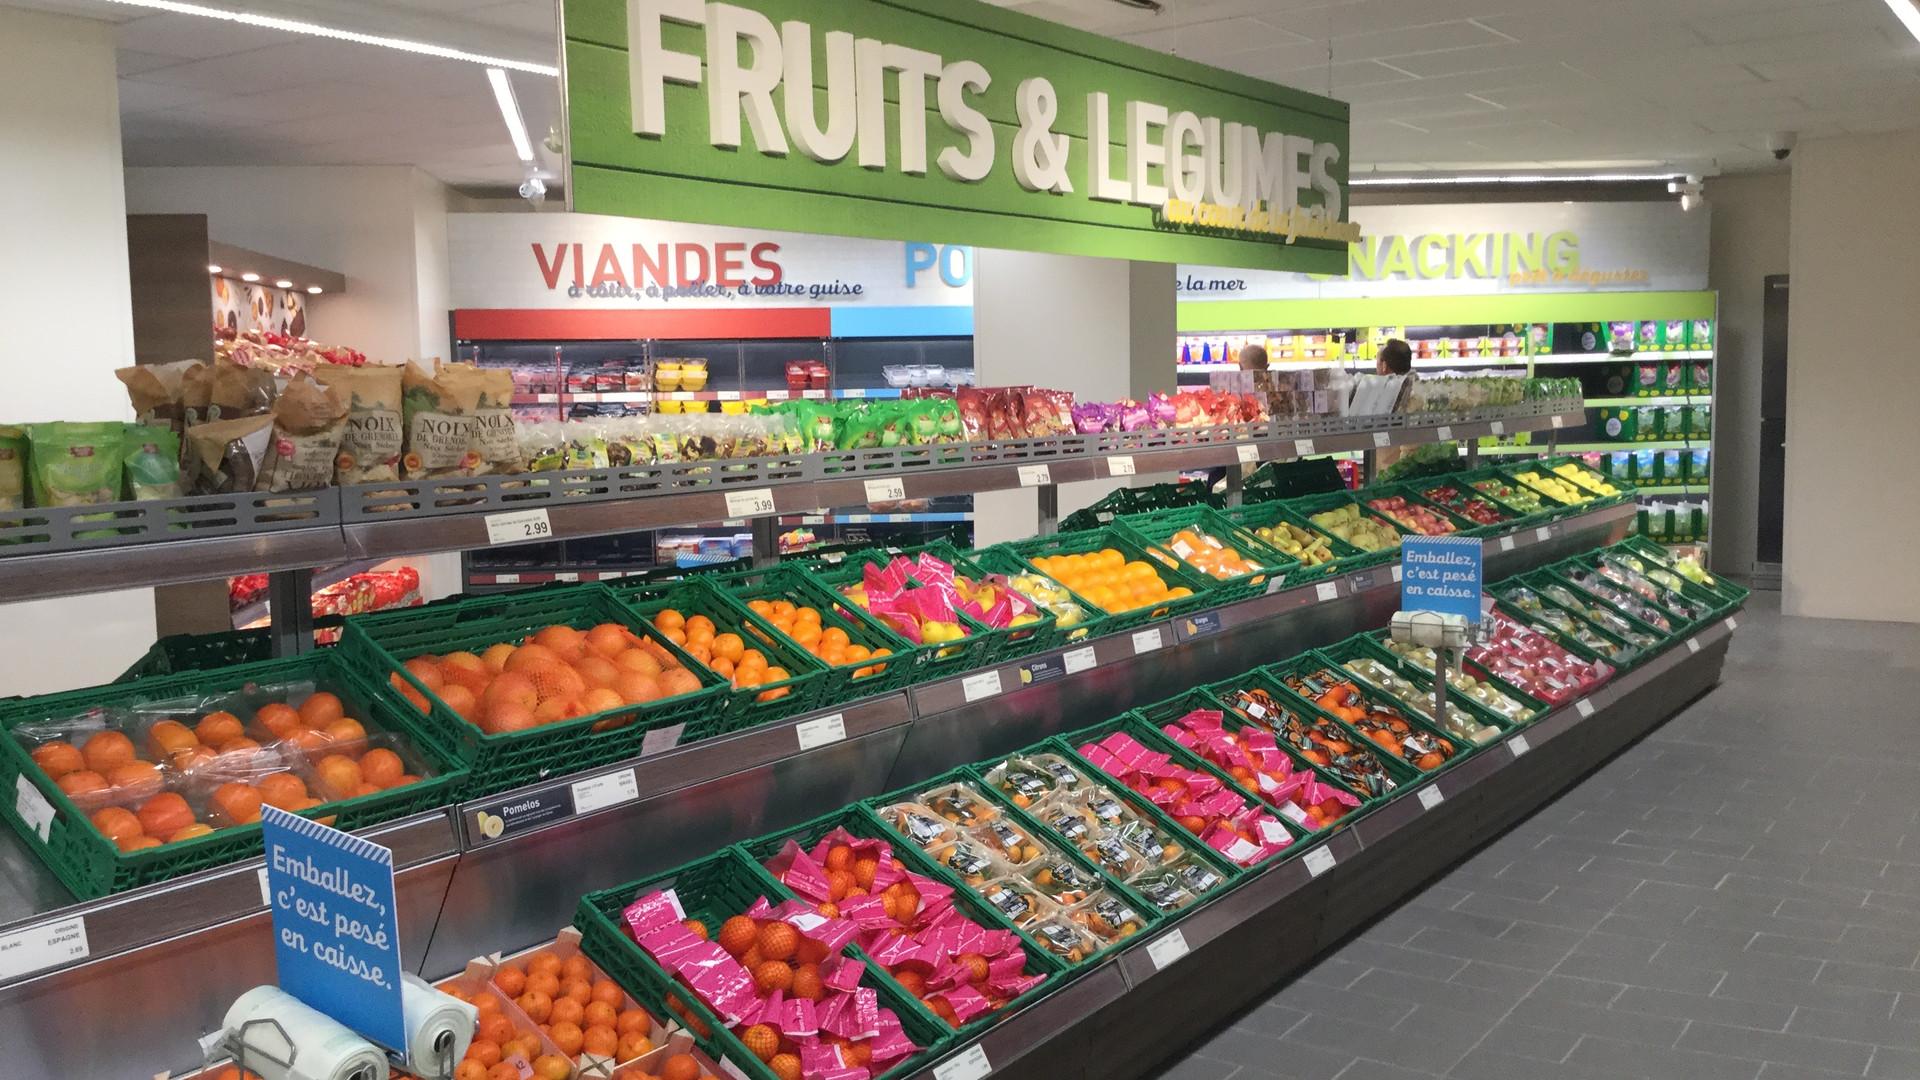 CLV rayon fruits et légumes lettrage découpé dans un supermarché ALDI